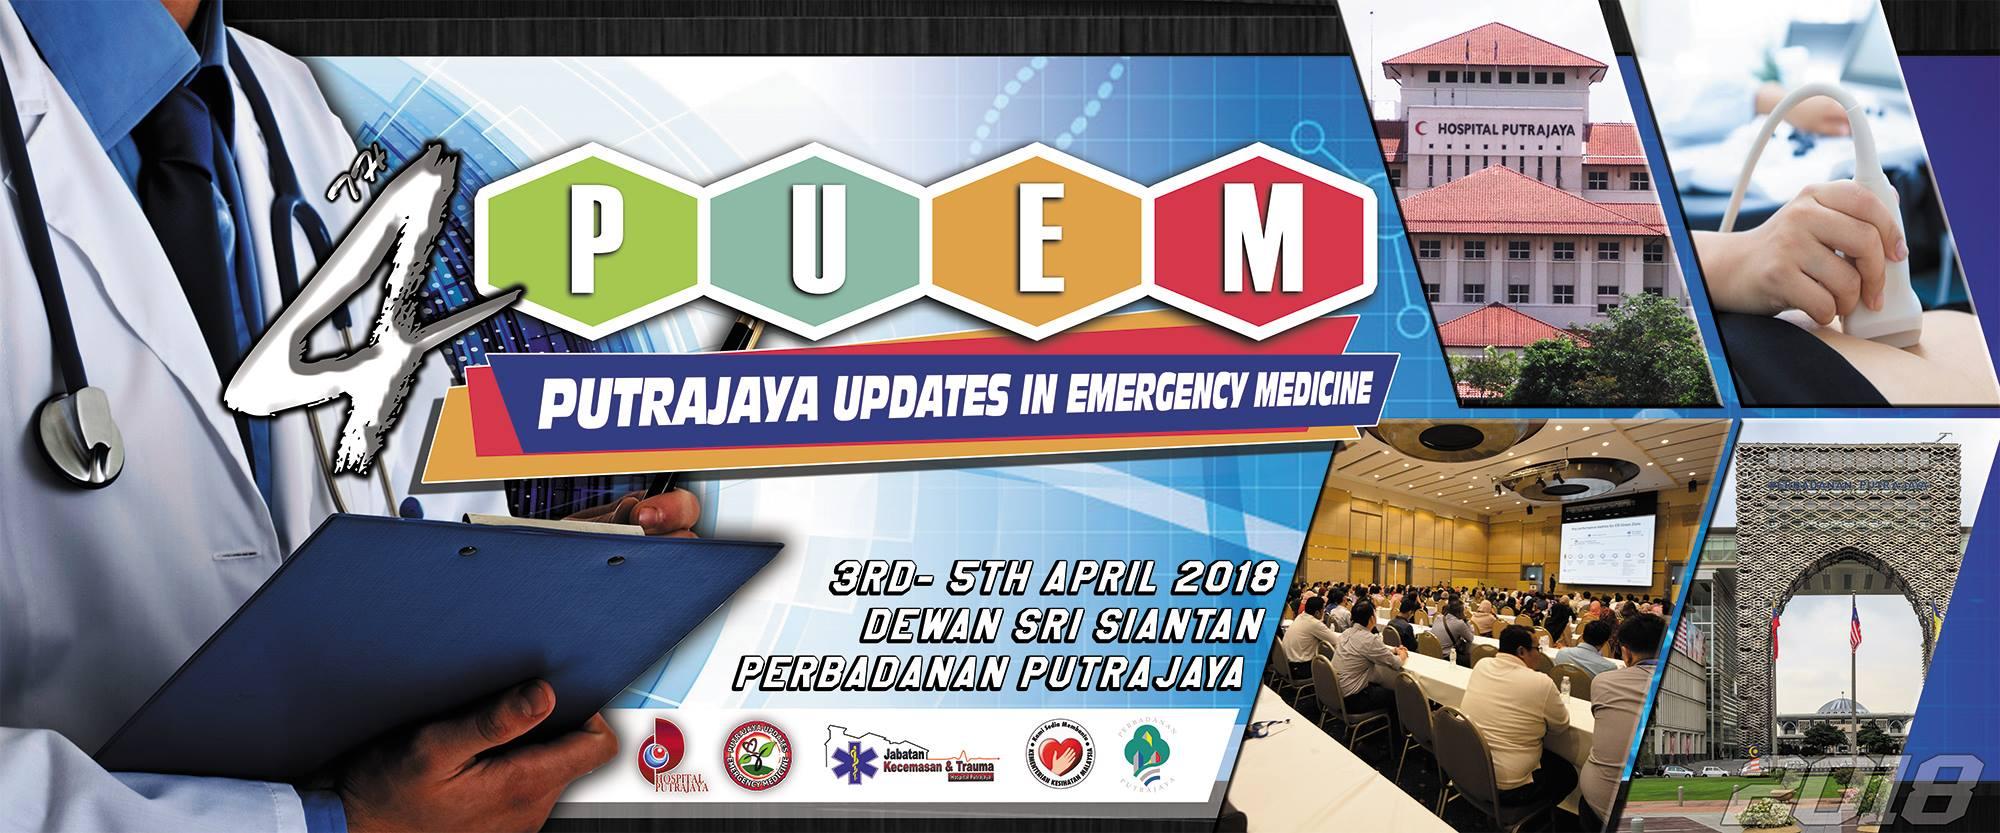 4th Putrajaya Update in Emergency Medicine | Medik-Link